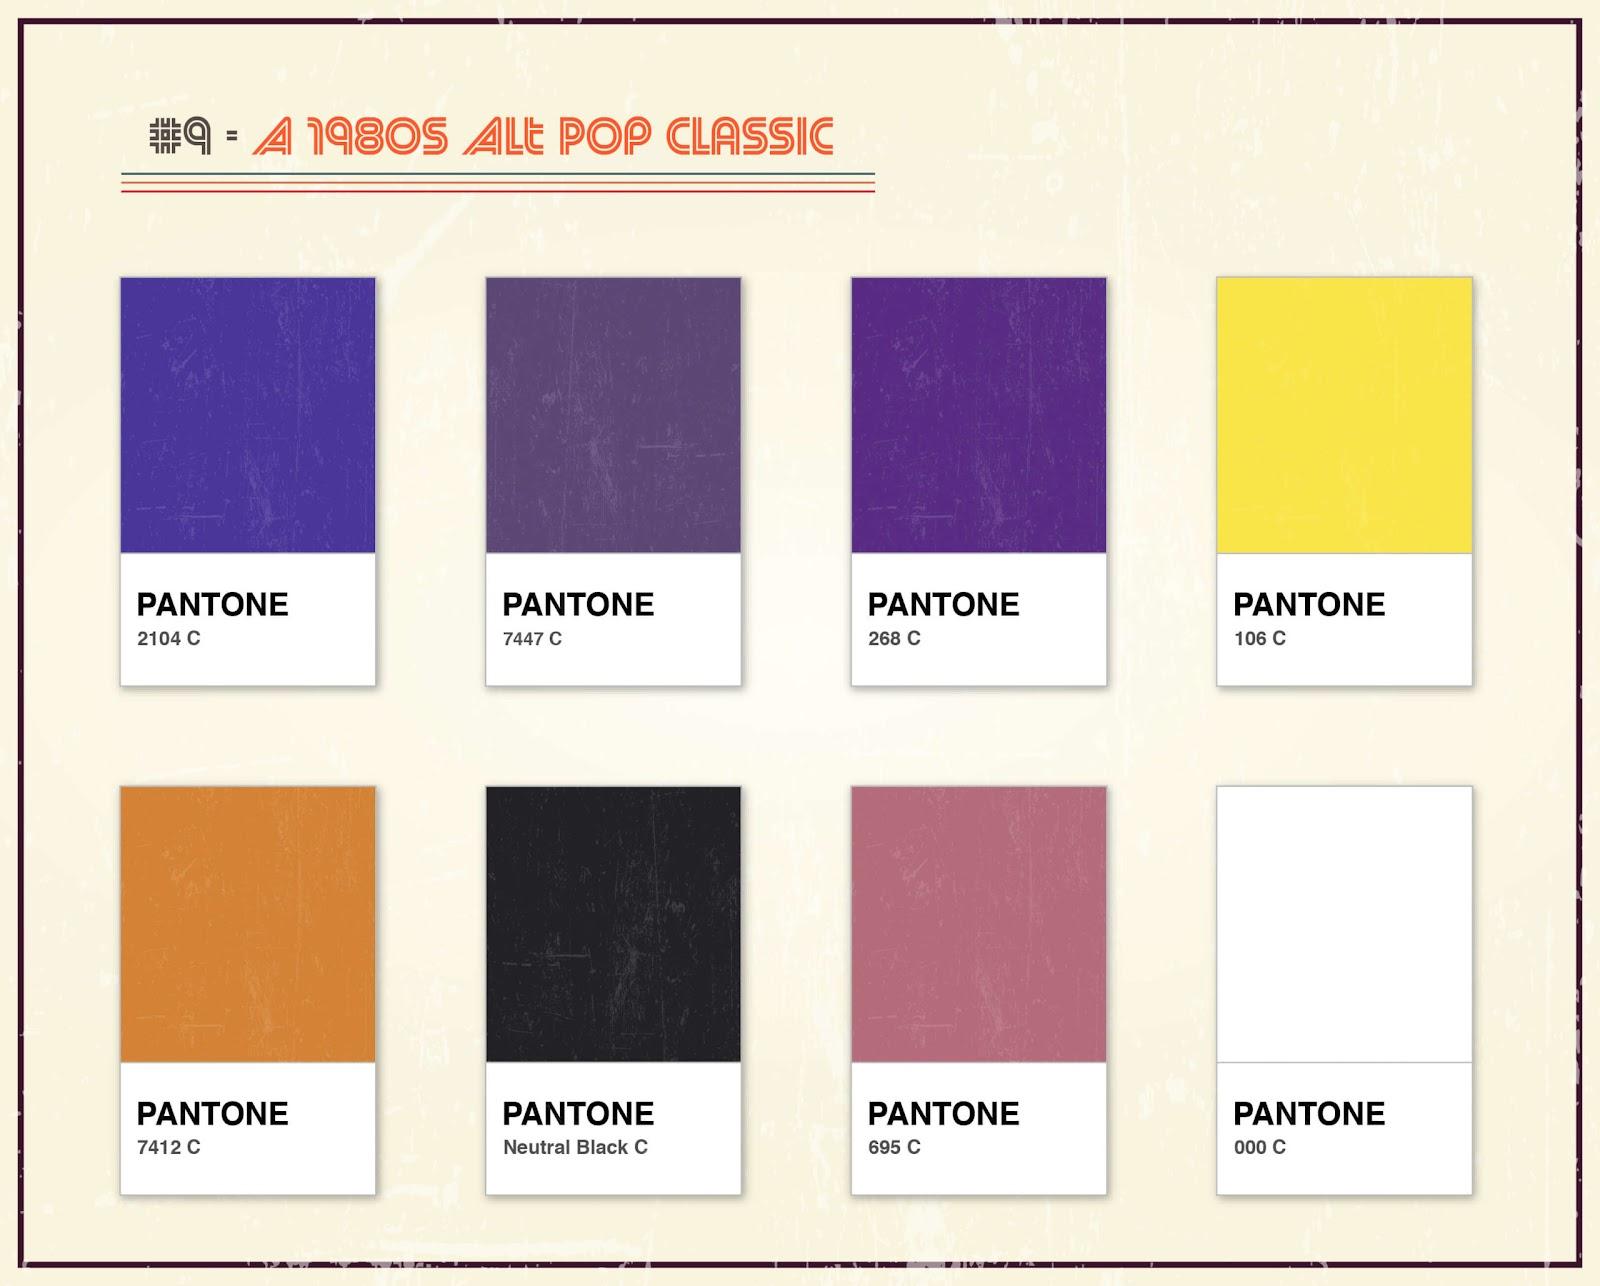 Album Artwork As Pantone: Famous Album Covers Without Text Quiz_9